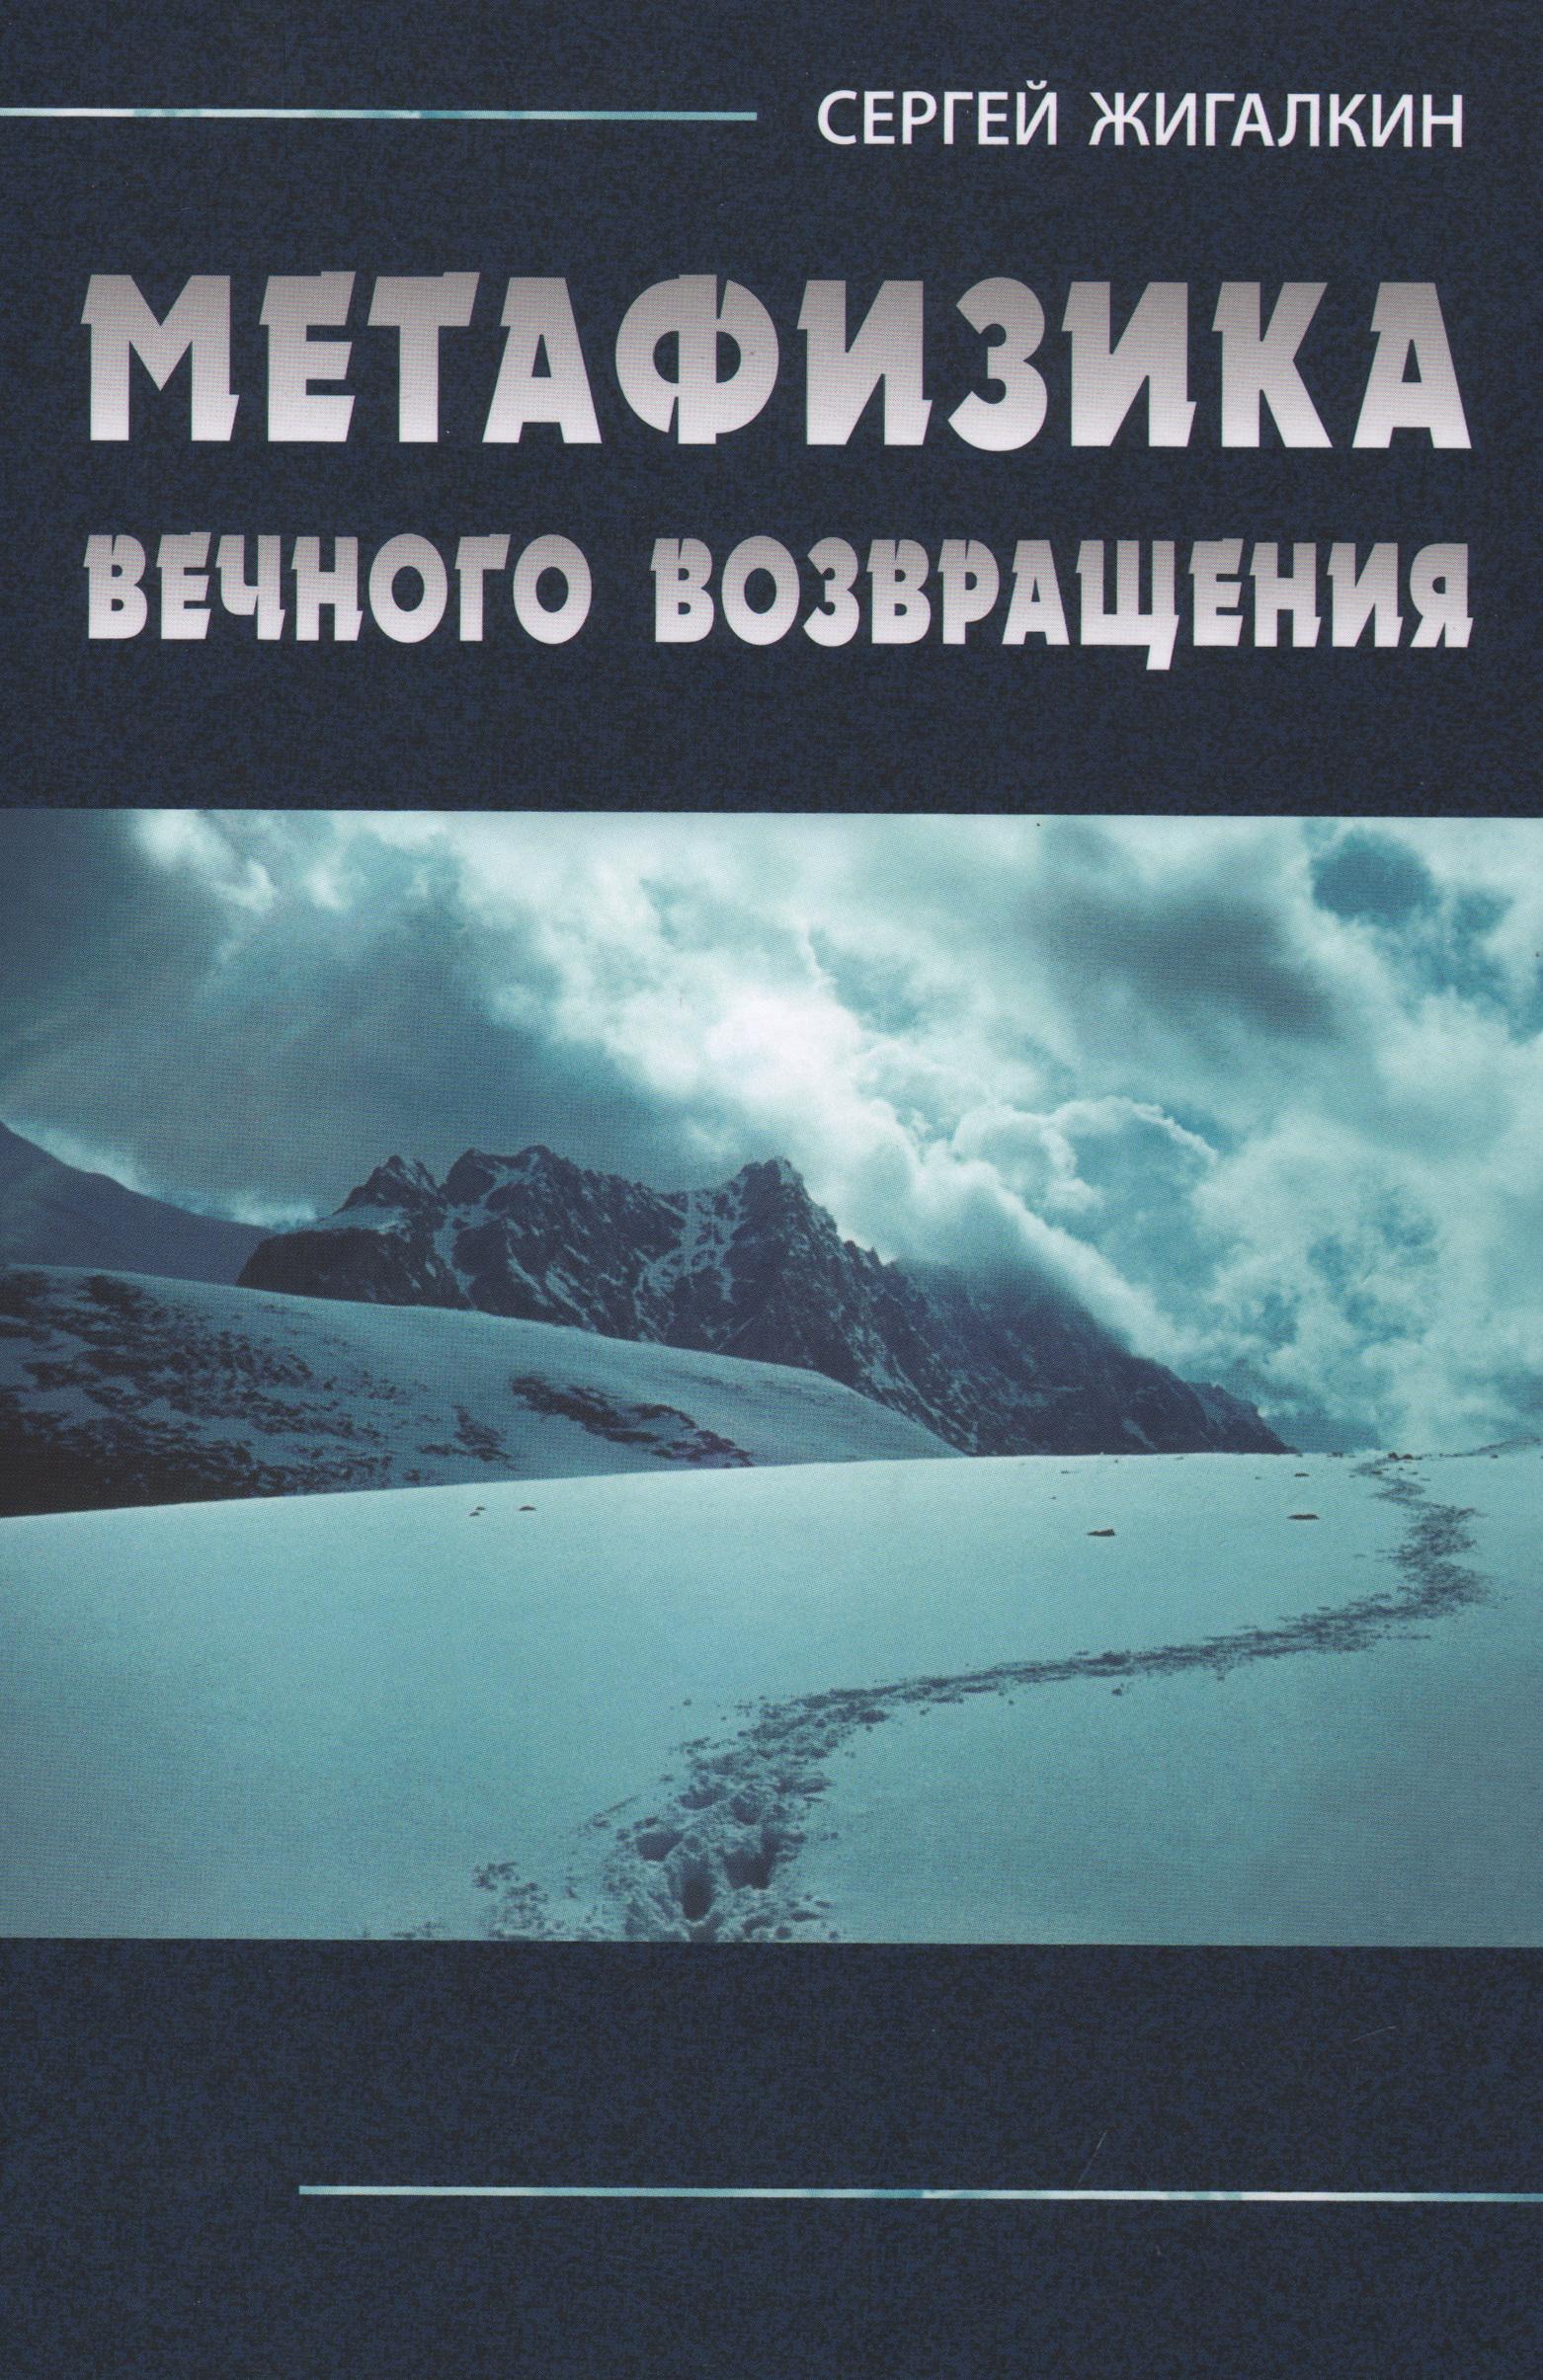 Жигалкин С. Метафизика вечного возвращения.